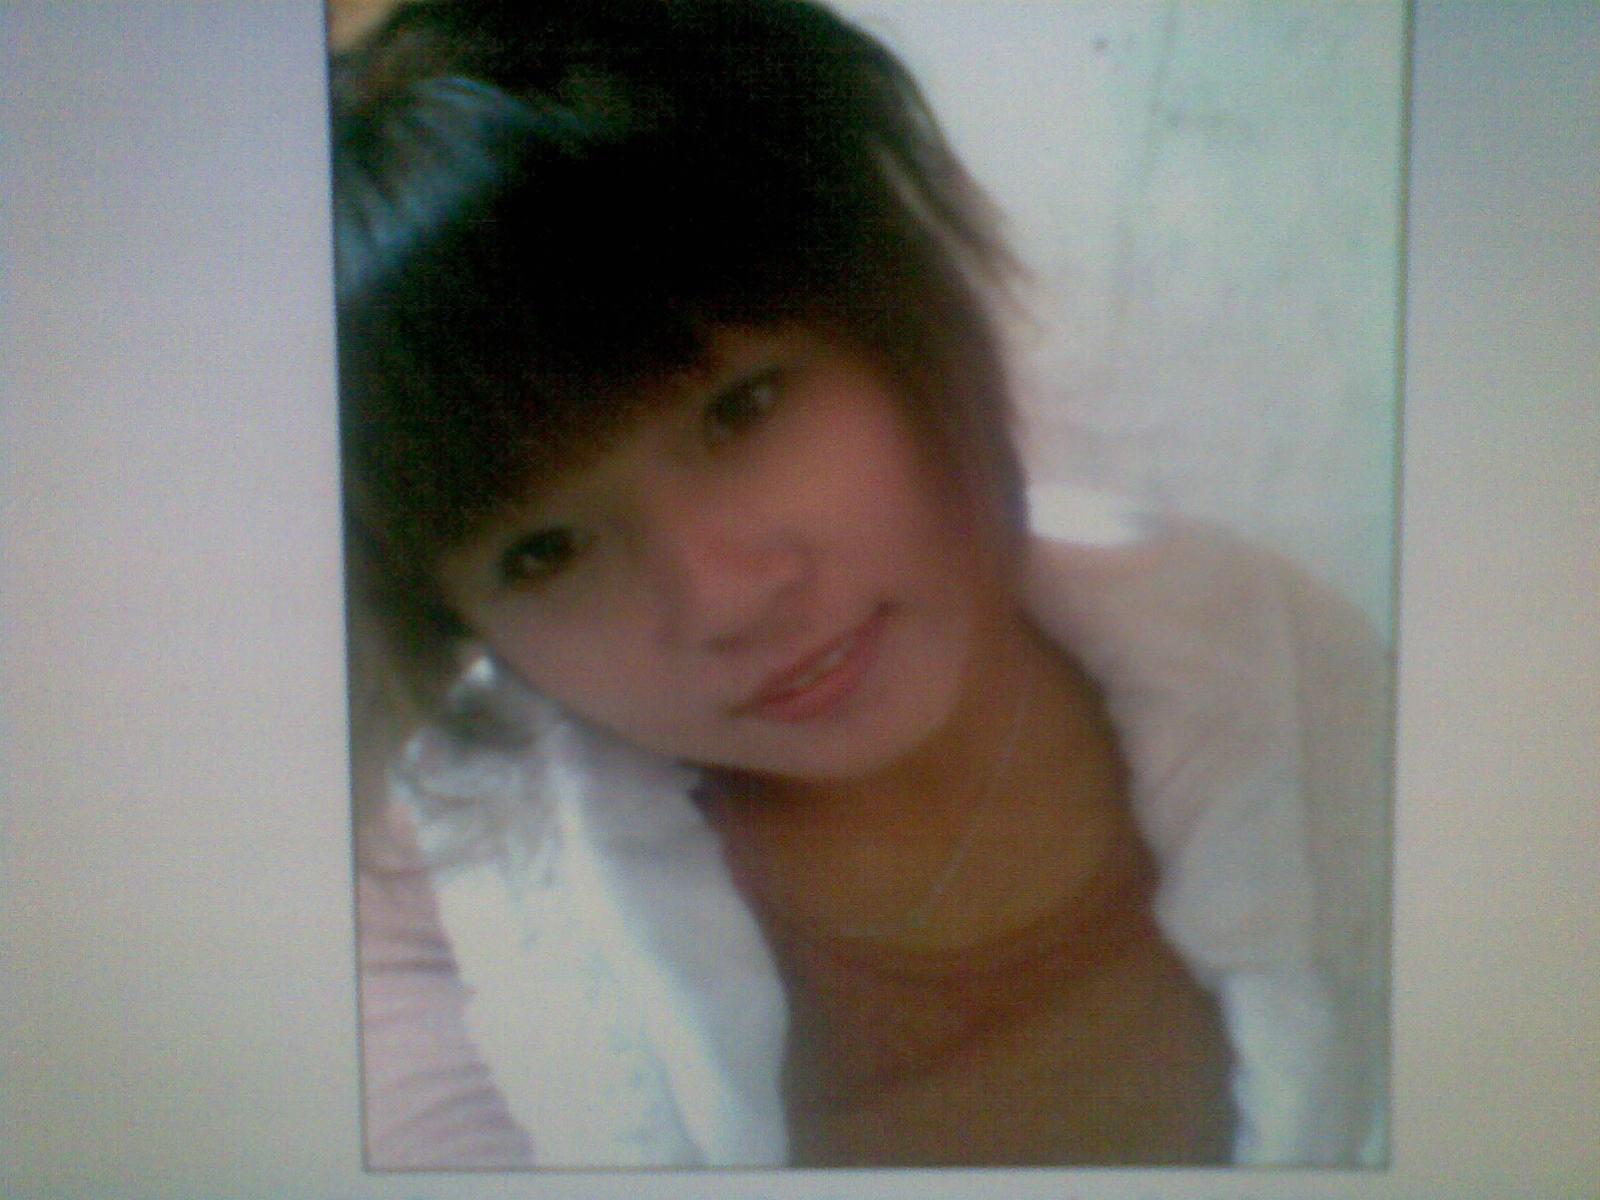 黄骅耀华小姐照片图|黄骅昨天下午车祸|黄骅信誉楼